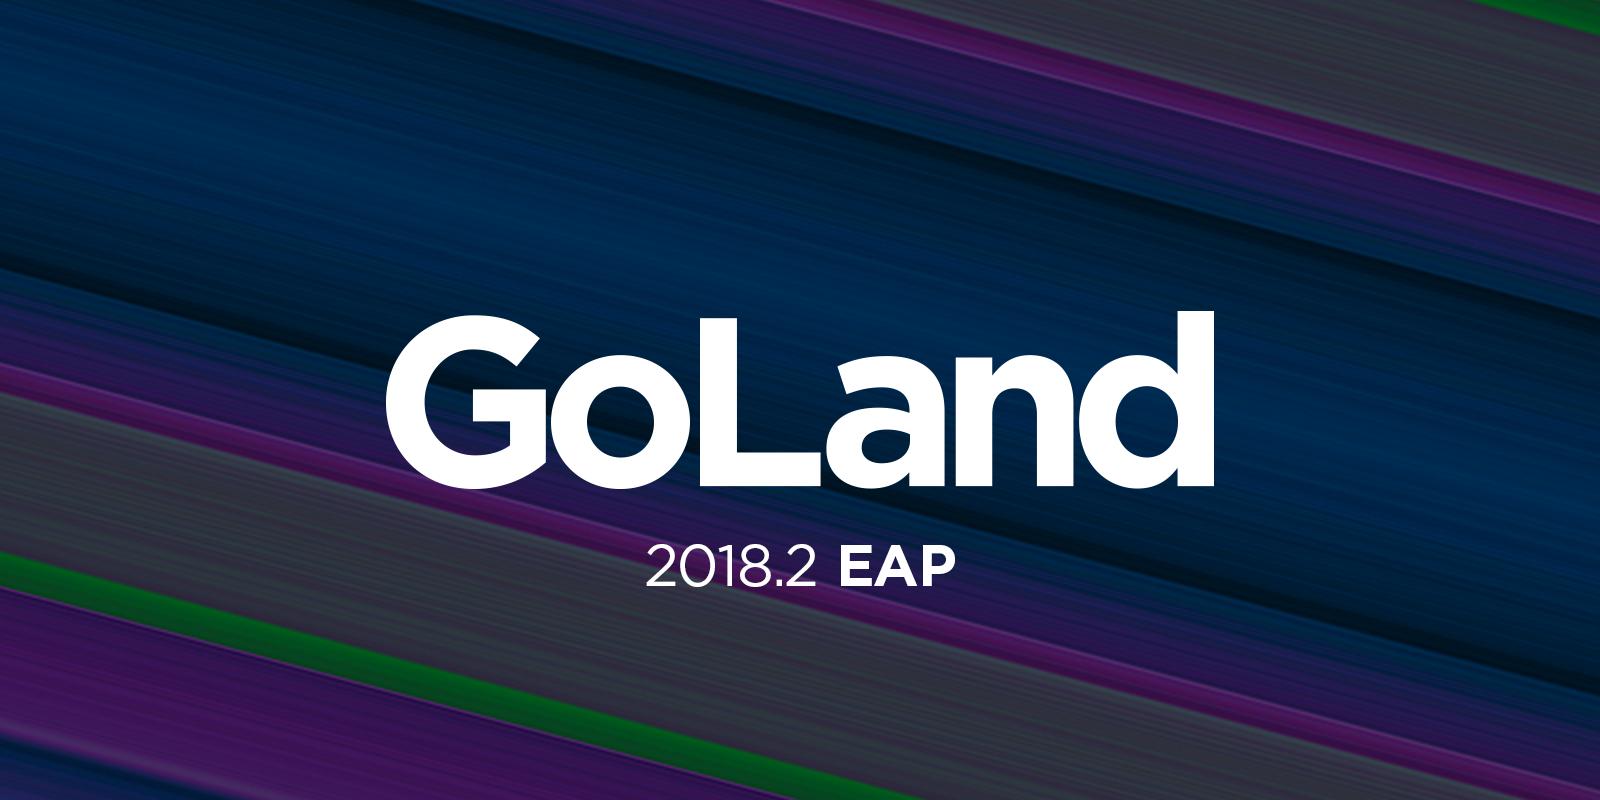 GoLand 2018.2 EAP